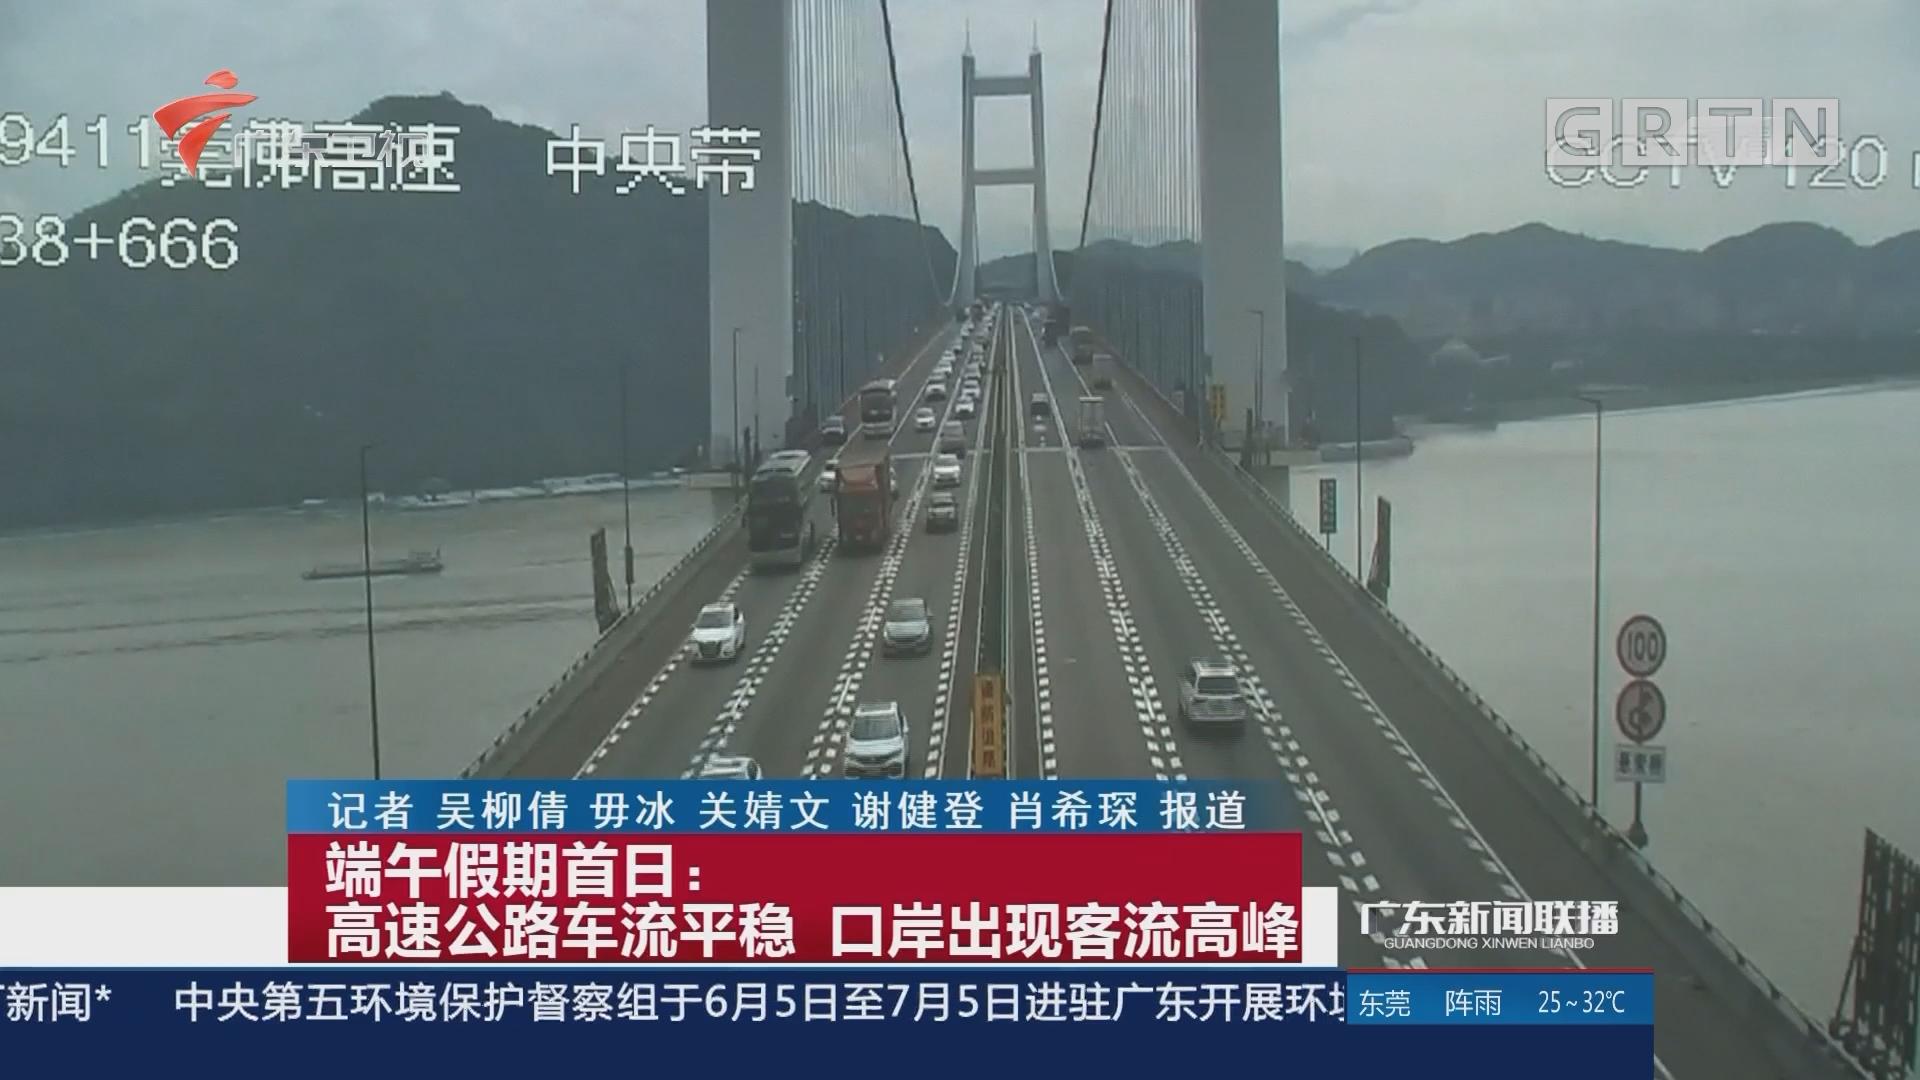 端午假期首日:高速公路车流平稳 口岸出现客流高峰